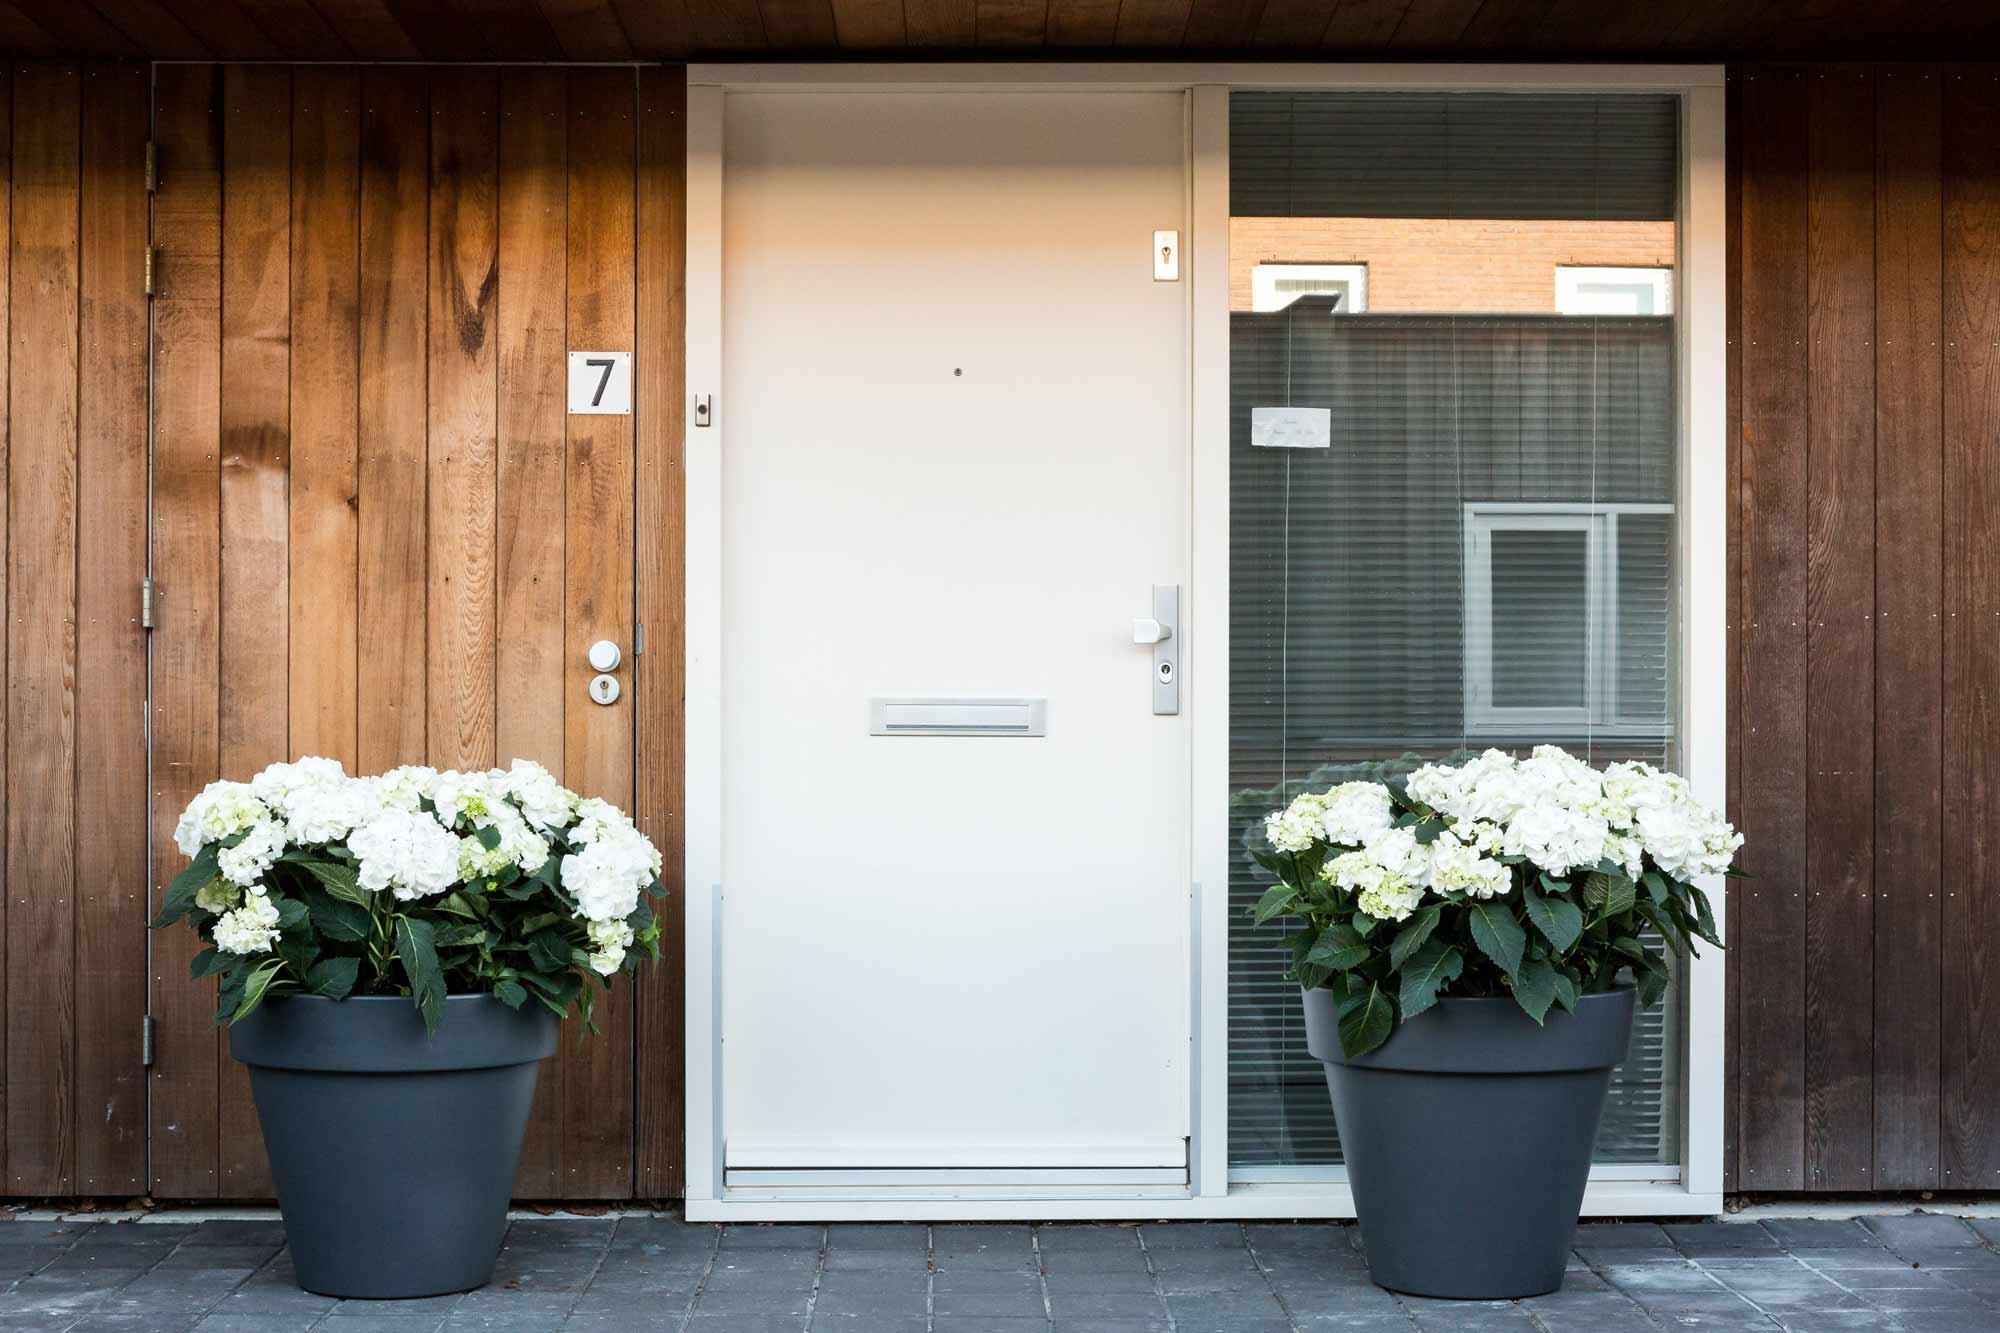 voortuin bloempotten voordeur